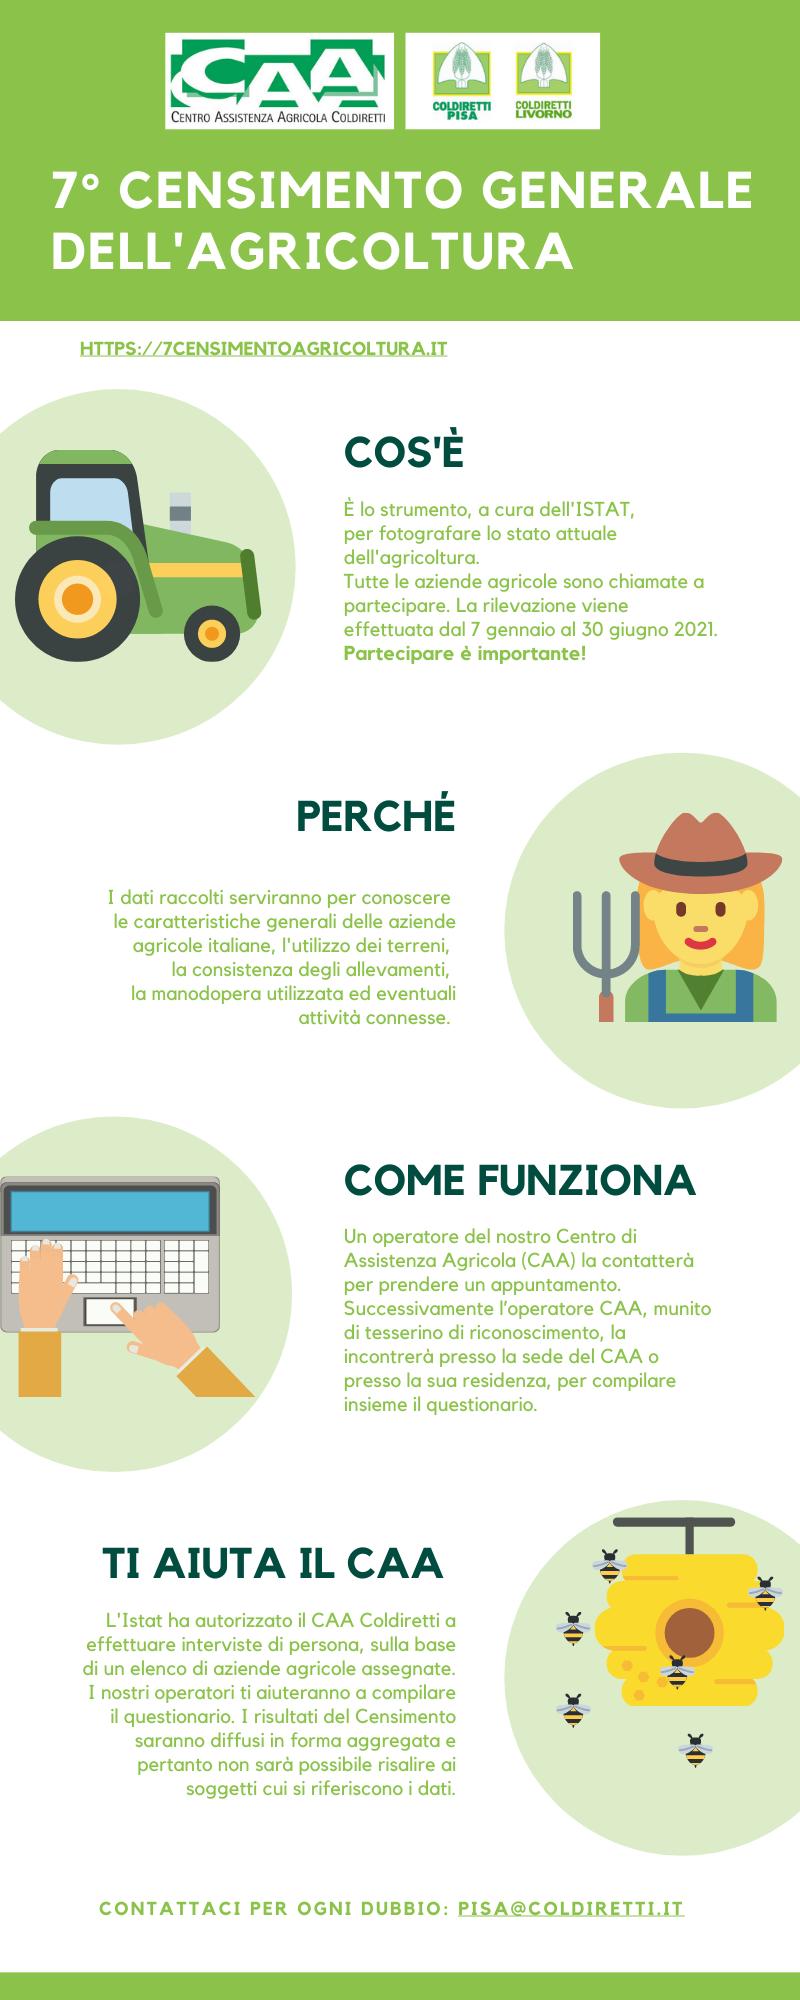 7° Censimento generale dell'Agricoltura